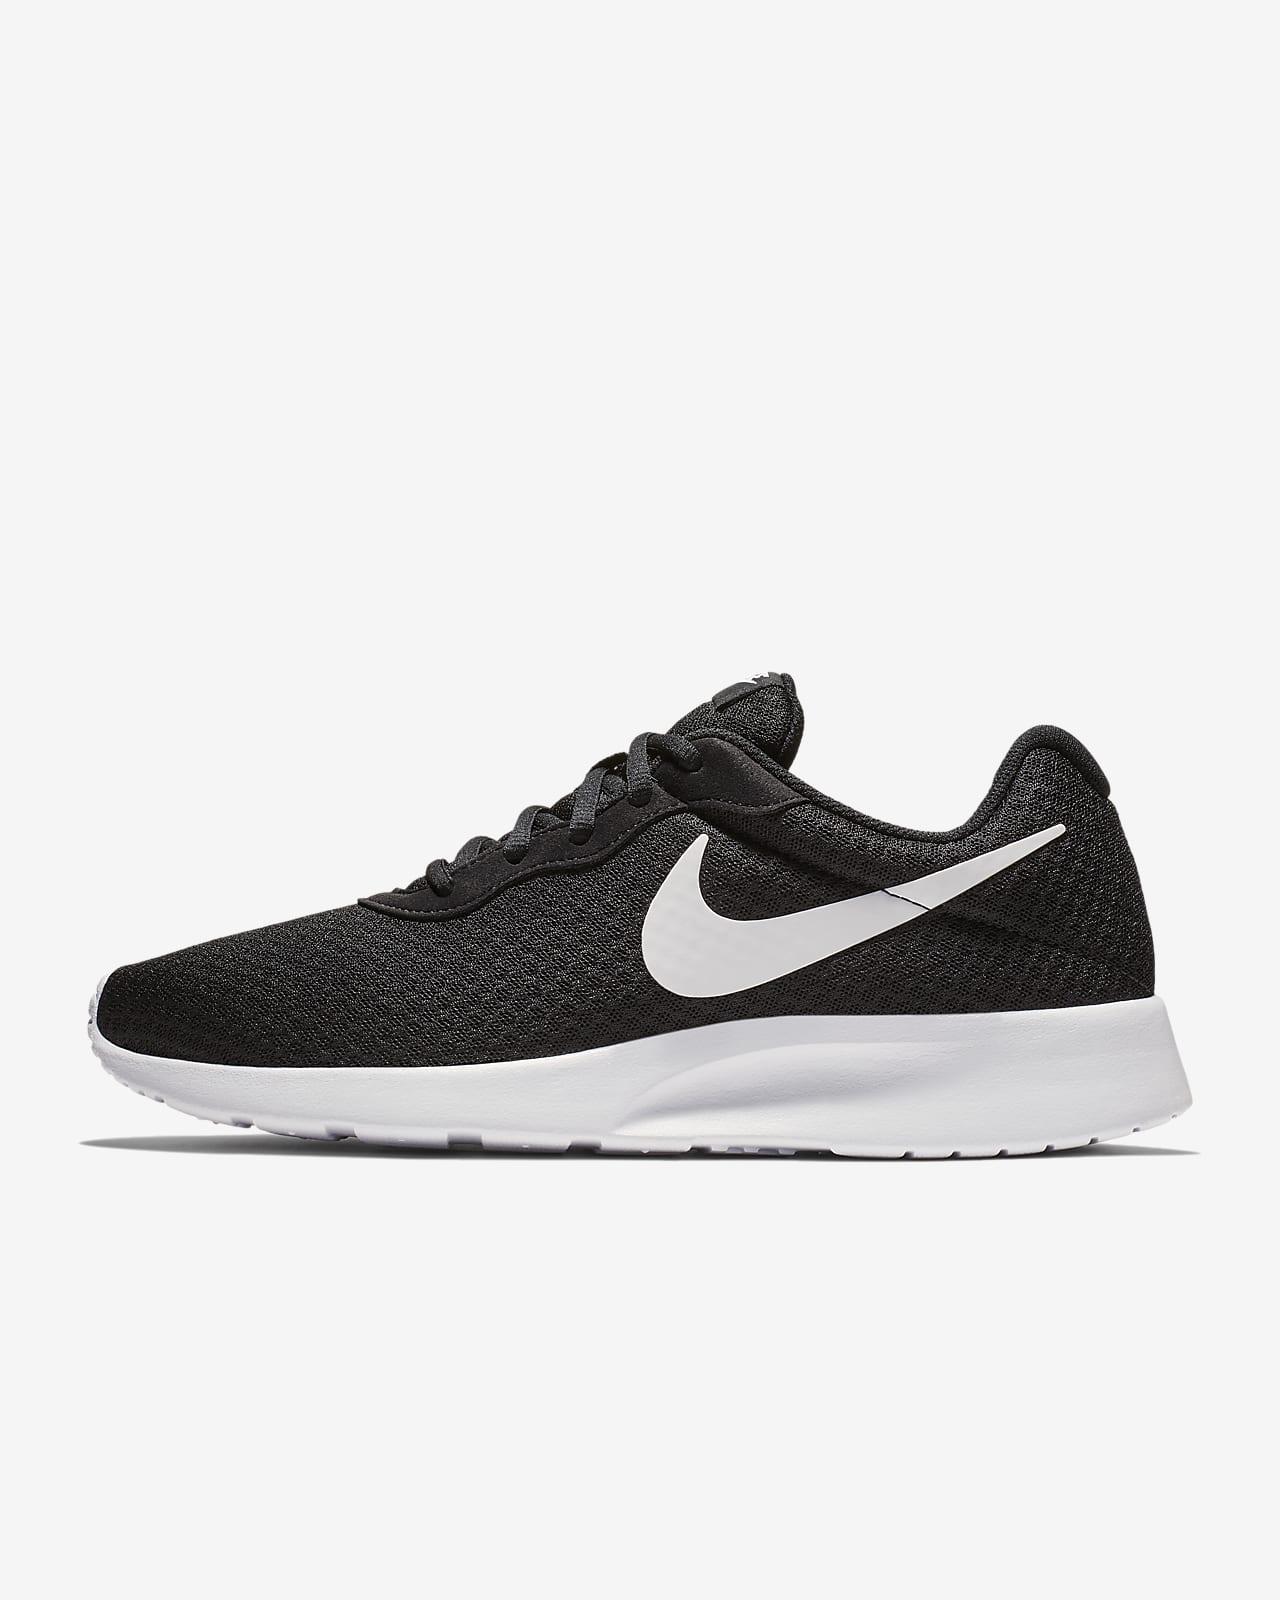 scarpe nike tanjun nero bianco